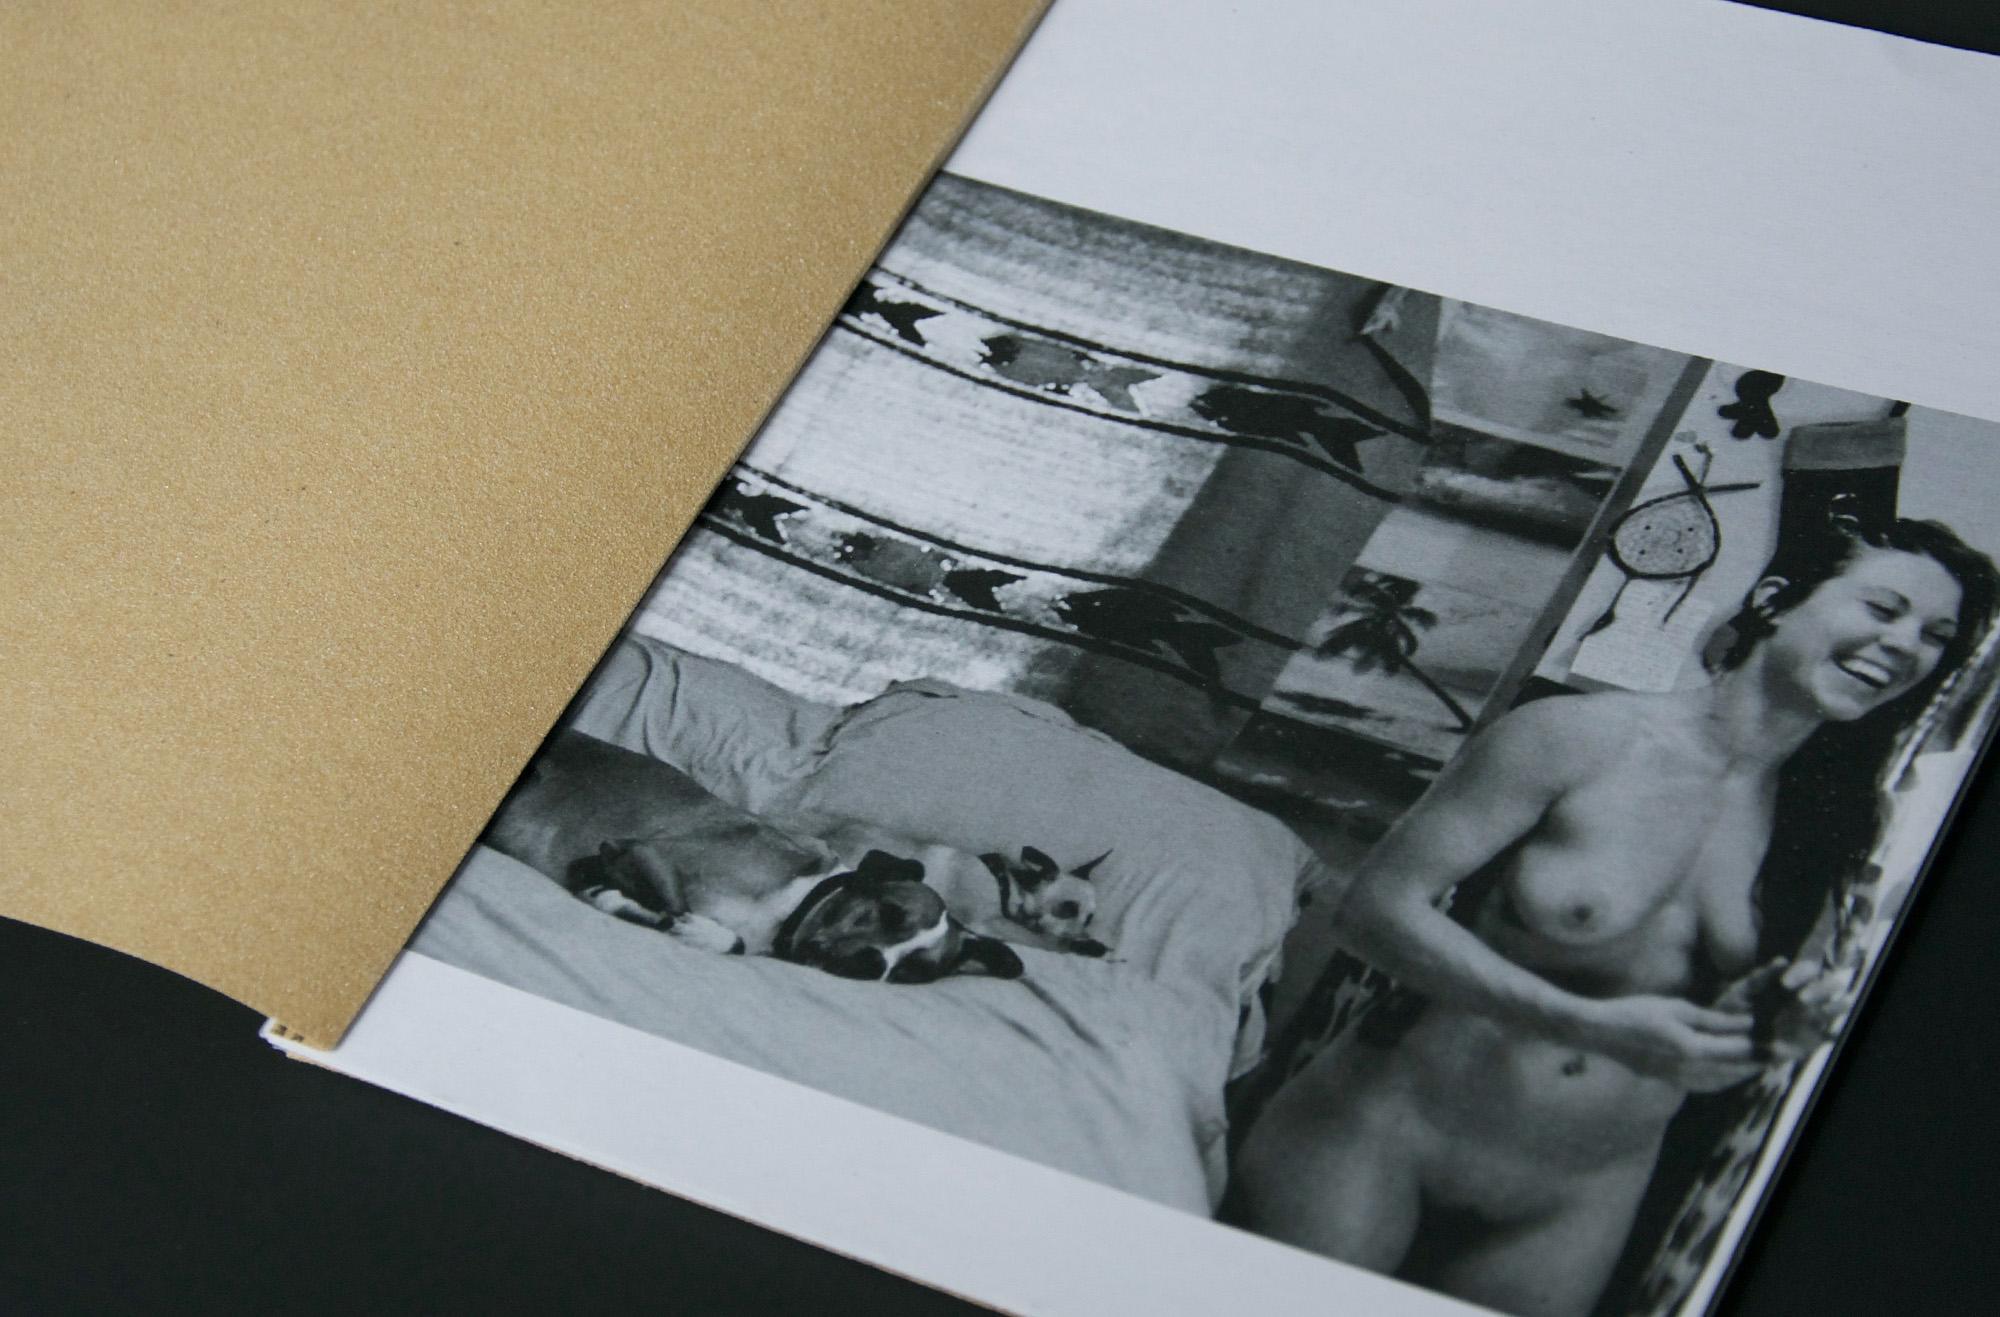 photos_page1.jpg